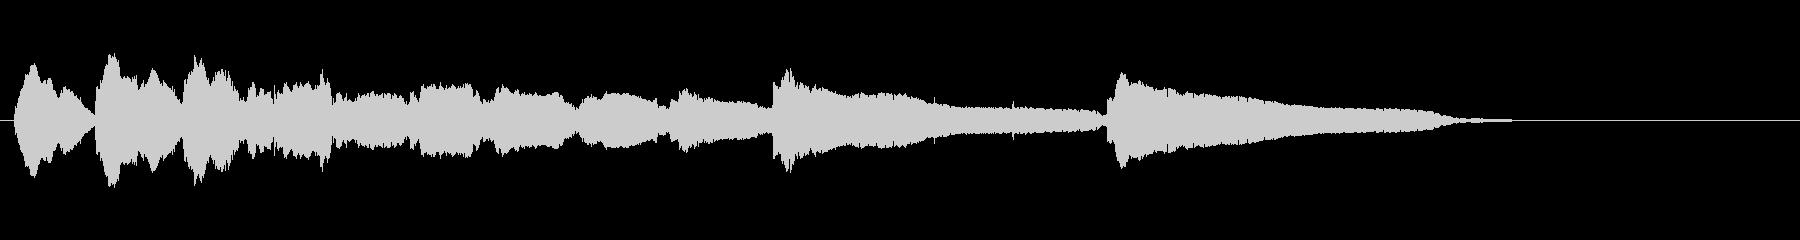 生音エレキギター5弦チューニング3エコーの未再生の波形